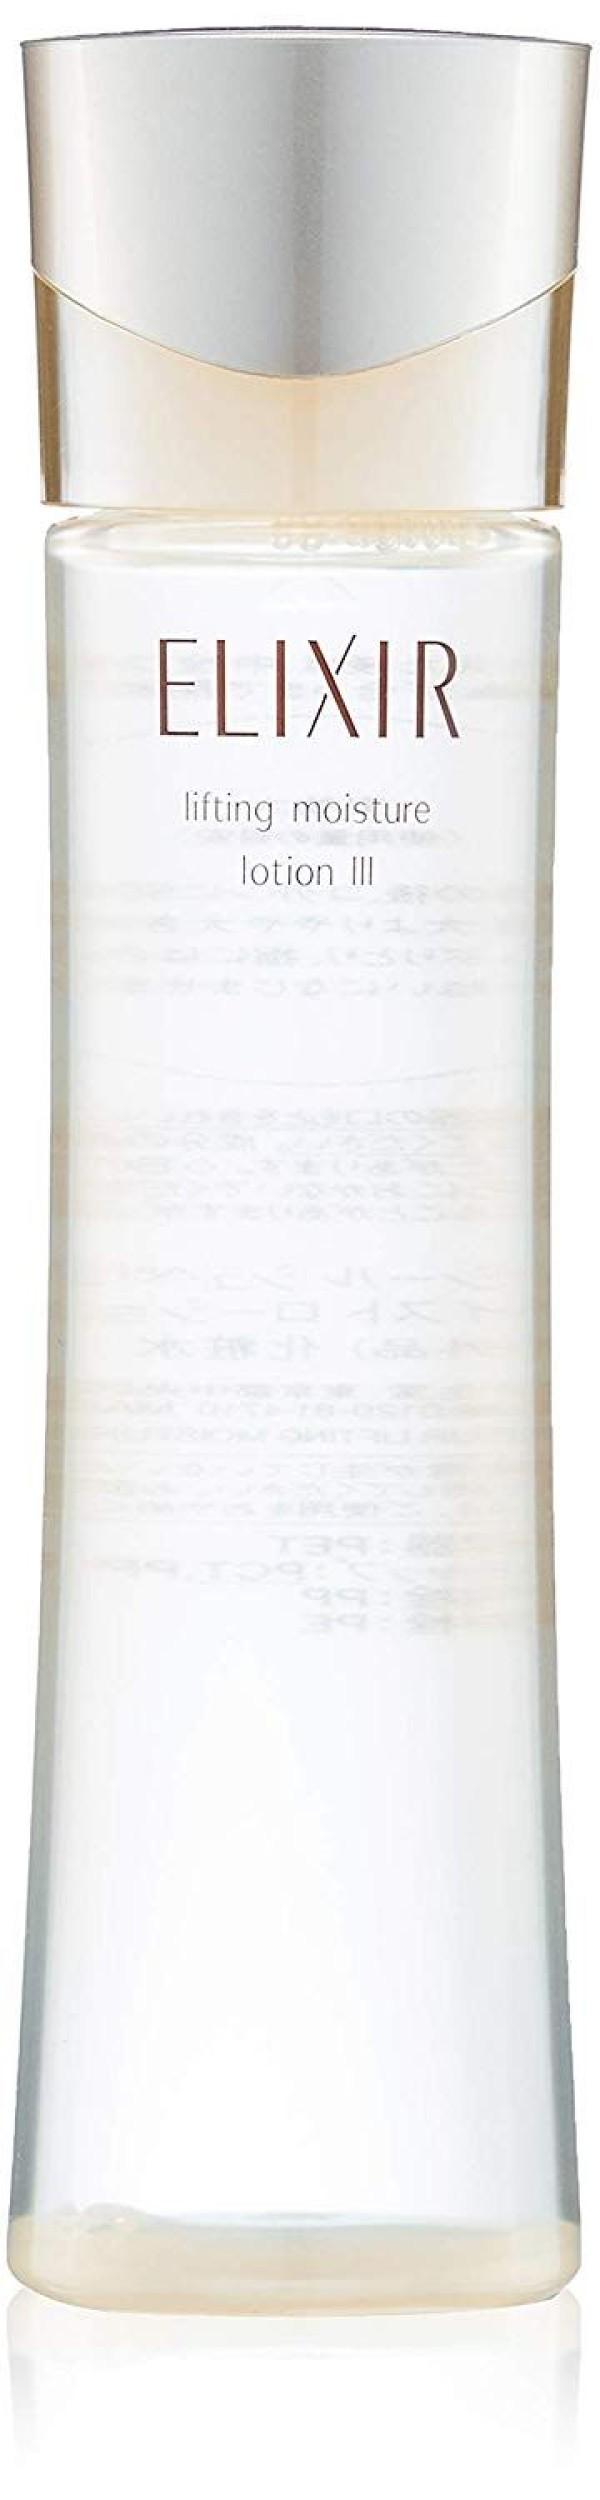 Увлажняющий лосьон для упругости кожи Shiseido ELIXIR SUPERIEUR Lifting Moisture Lotion III для сухой кожи